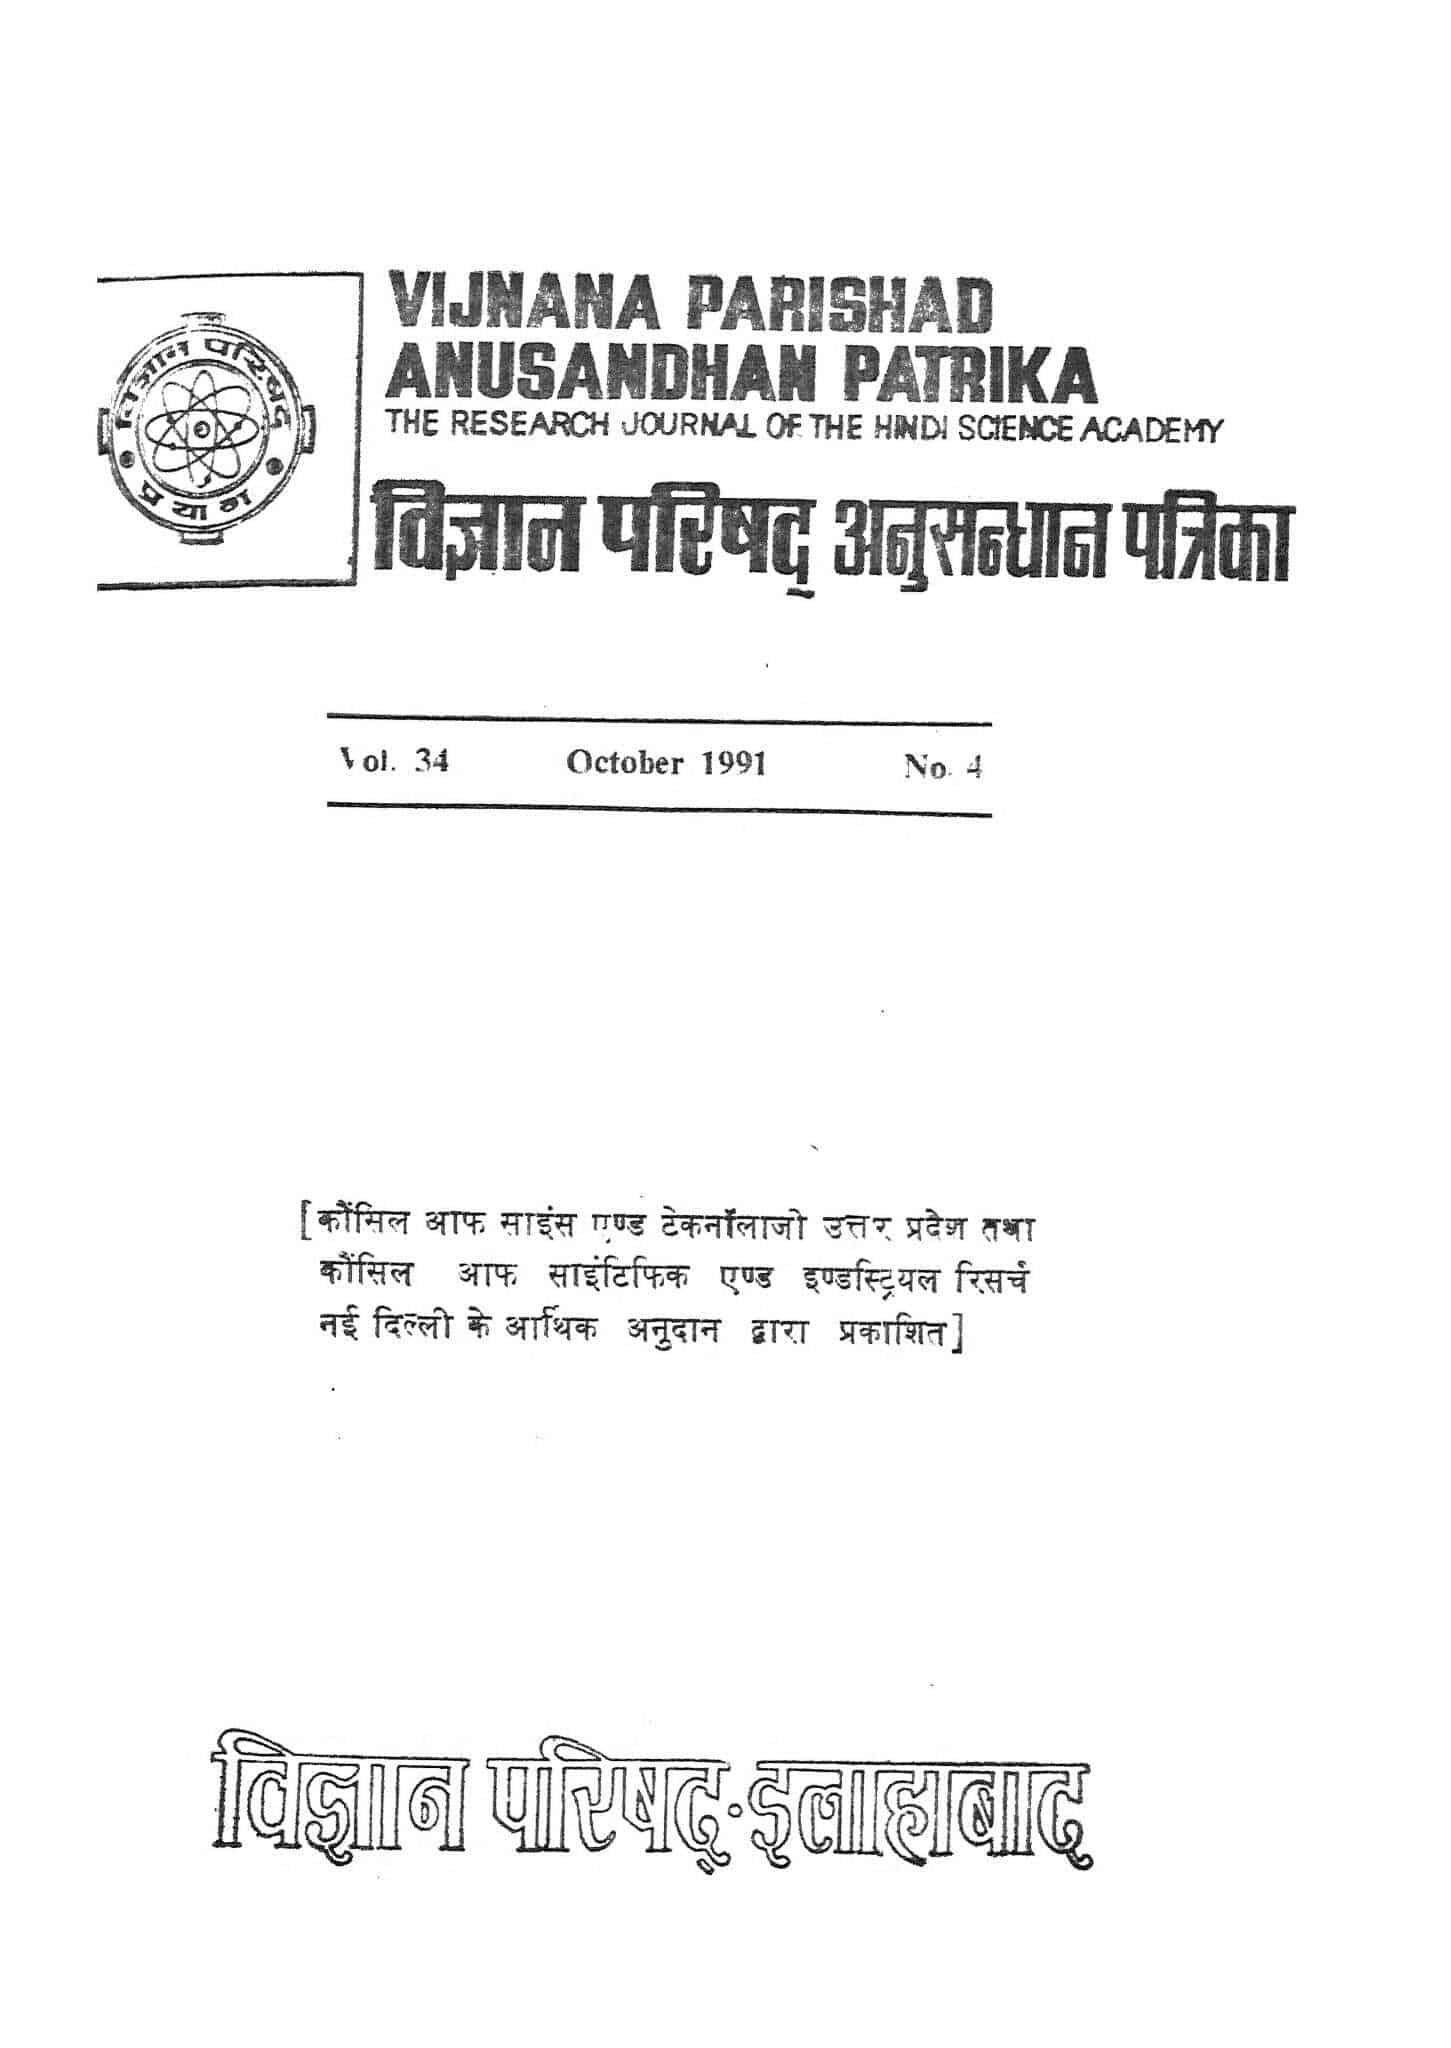 Vijnana Parishad Anusandhan Patrika by आर. के. सक्सेना - R. K. Saxena